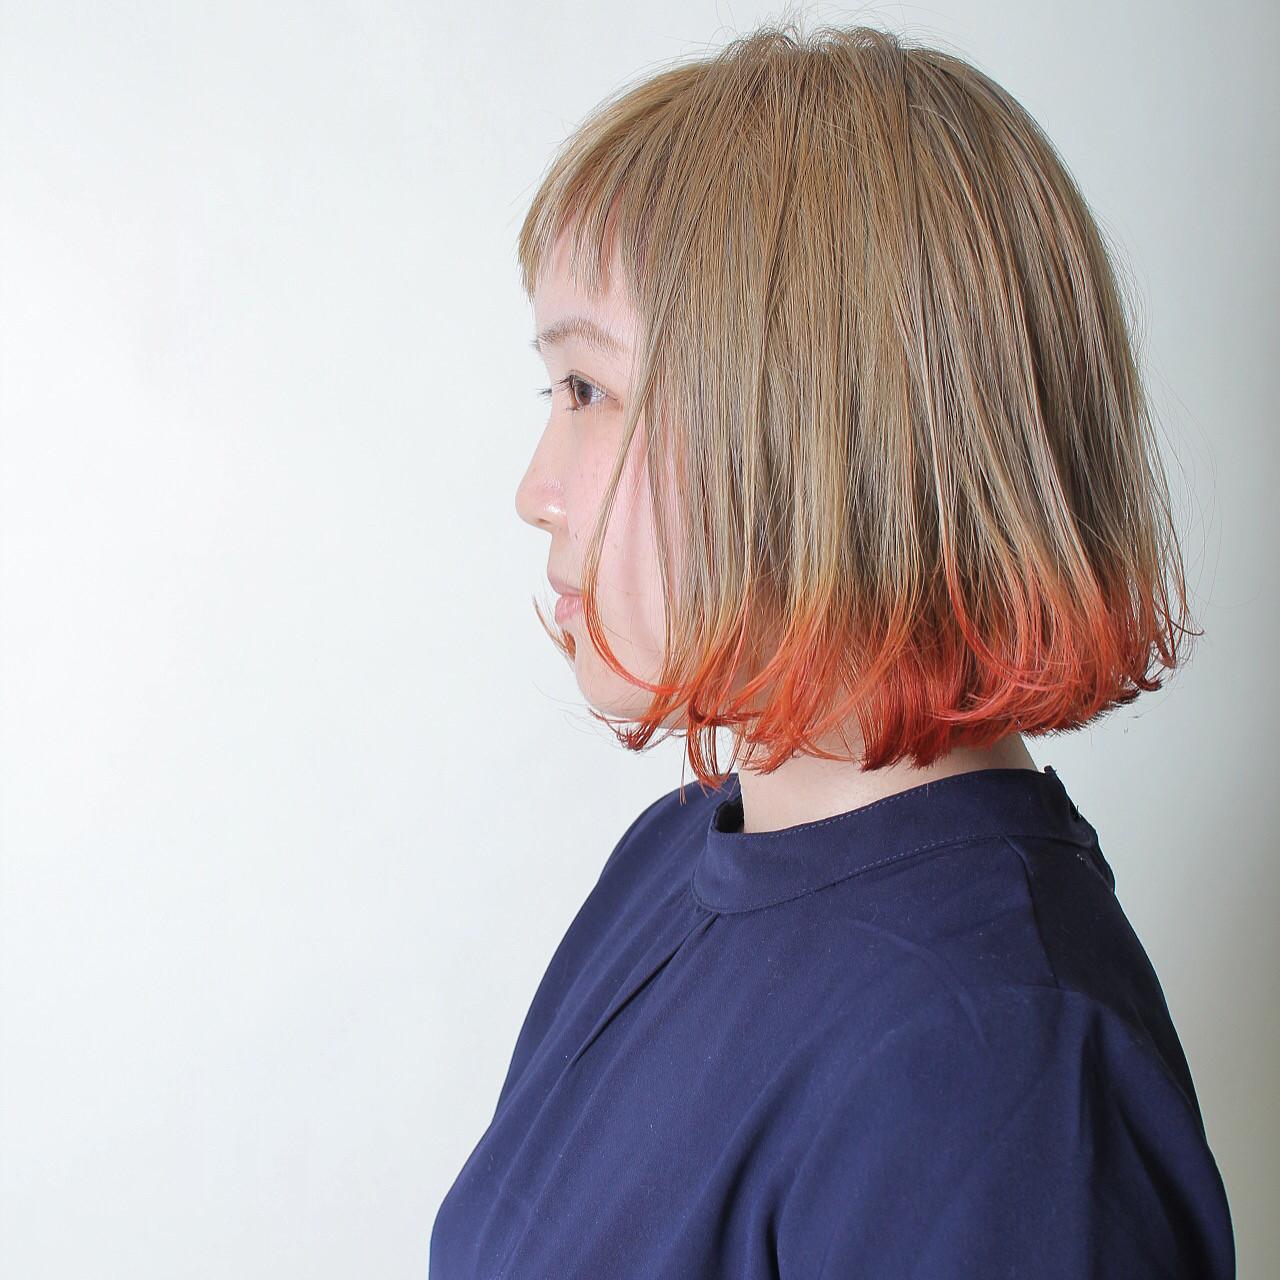 ナチュラル グラデーションカラー オレンジ レッド ヘアスタイルや髪型の写真・画像 | 山本尚也 / Libett(リベット)